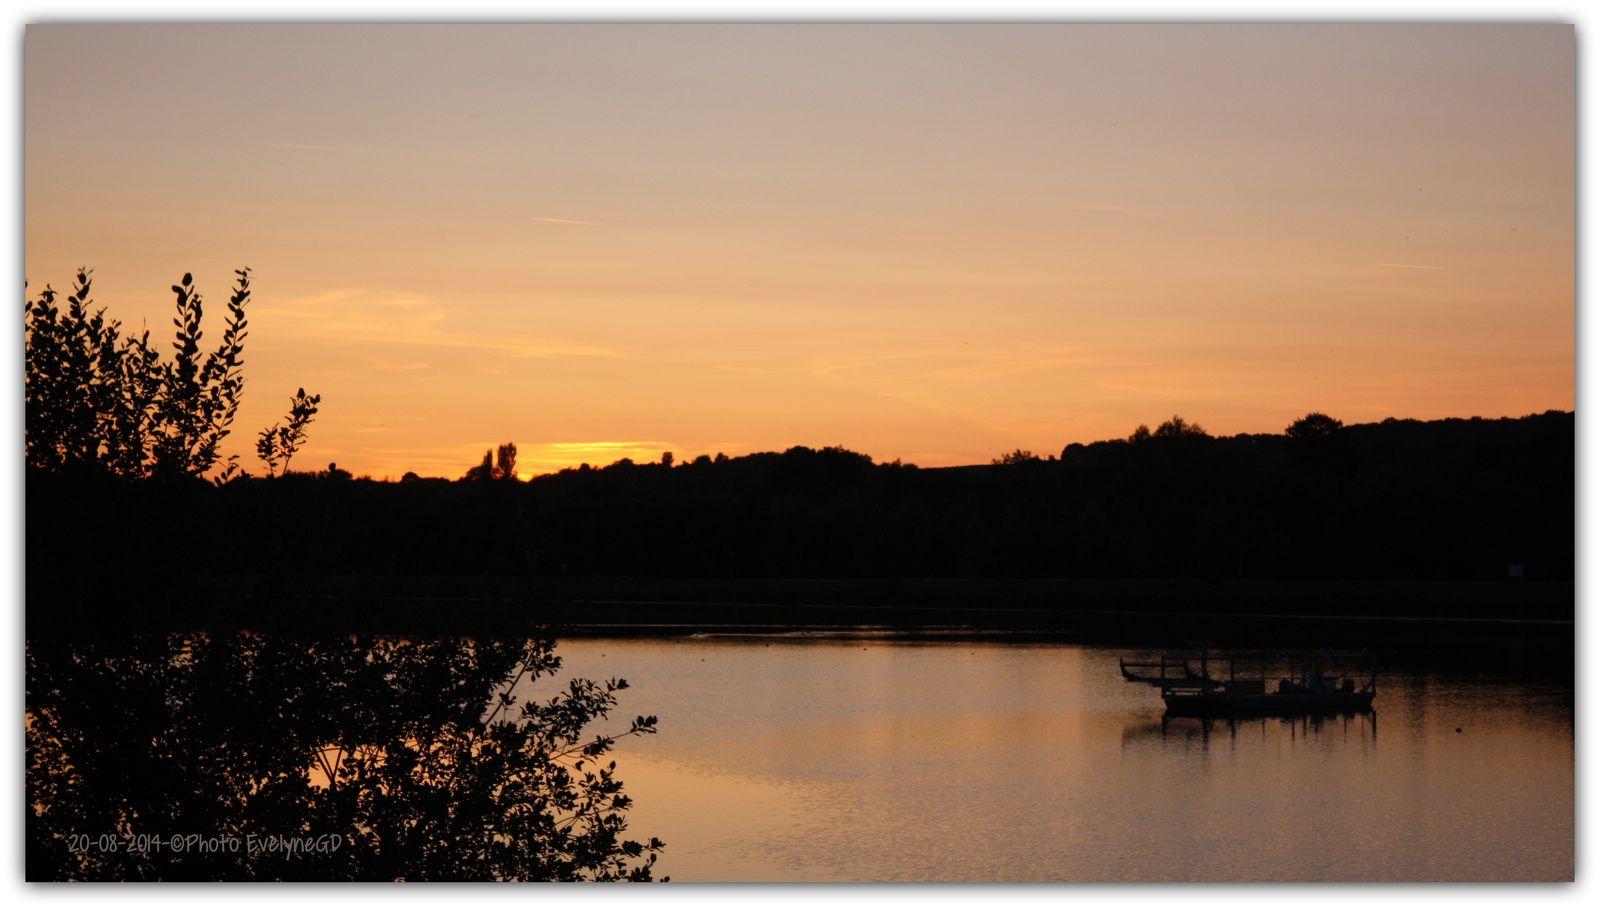 .. et les oies bernaches se rassemblent sur les pontons pour la nuit..